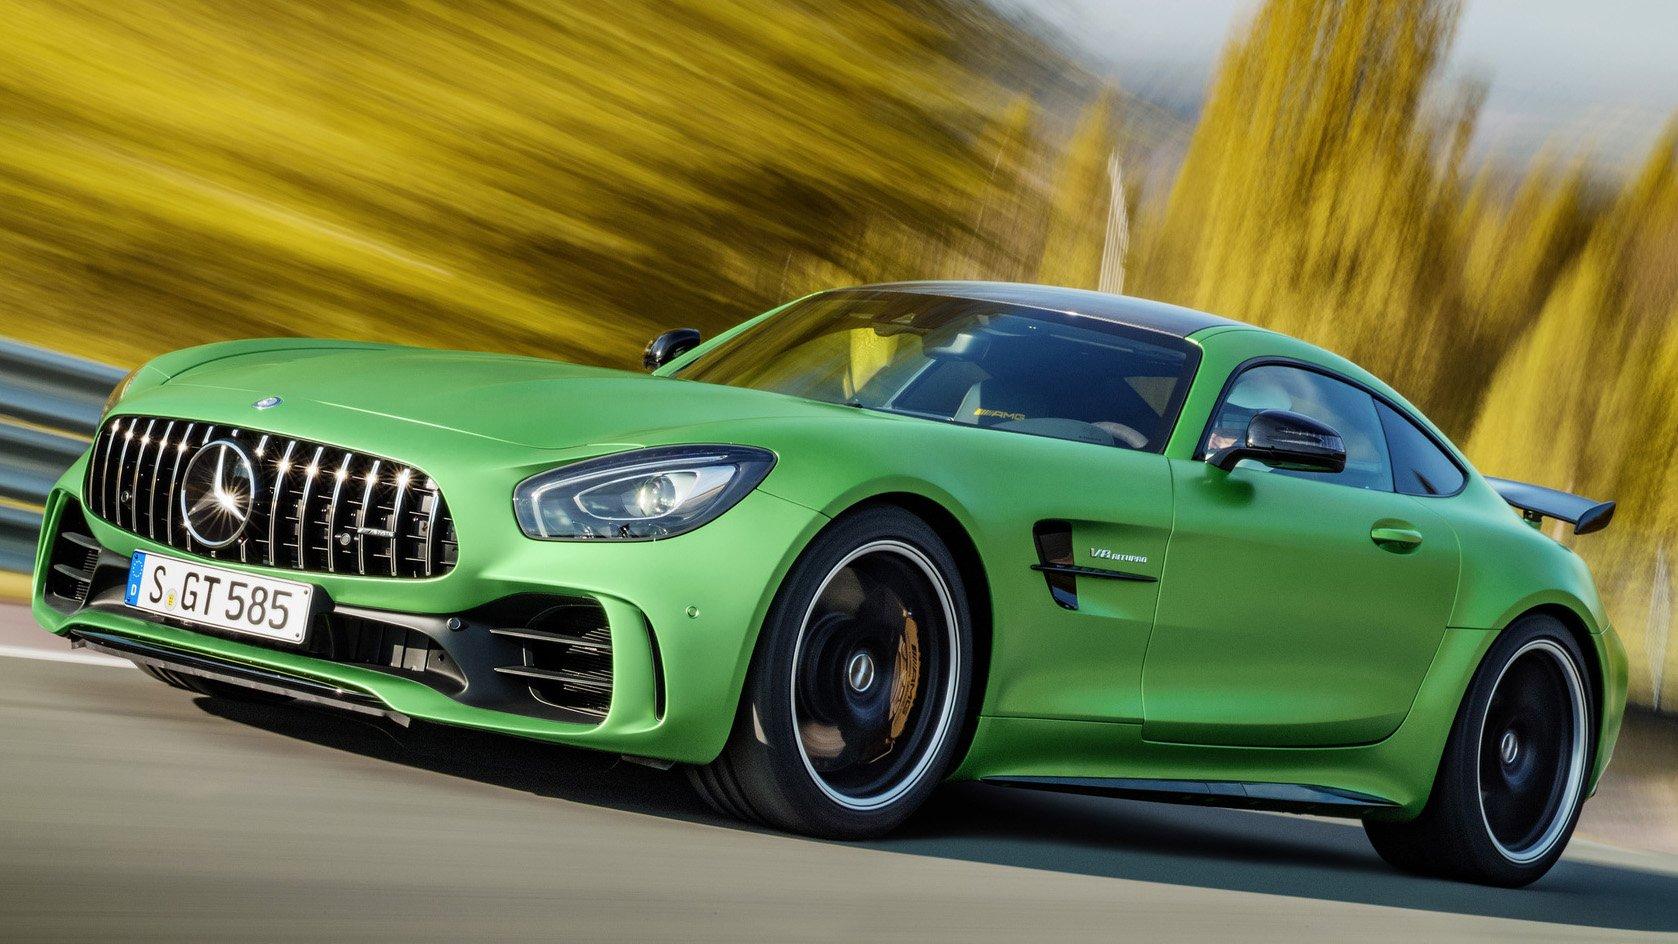 mercedes amg gt r um monstro verde de 585 cv que veio para devorar o porsche 911 gt3 rs flatout. Black Bedroom Furniture Sets. Home Design Ideas